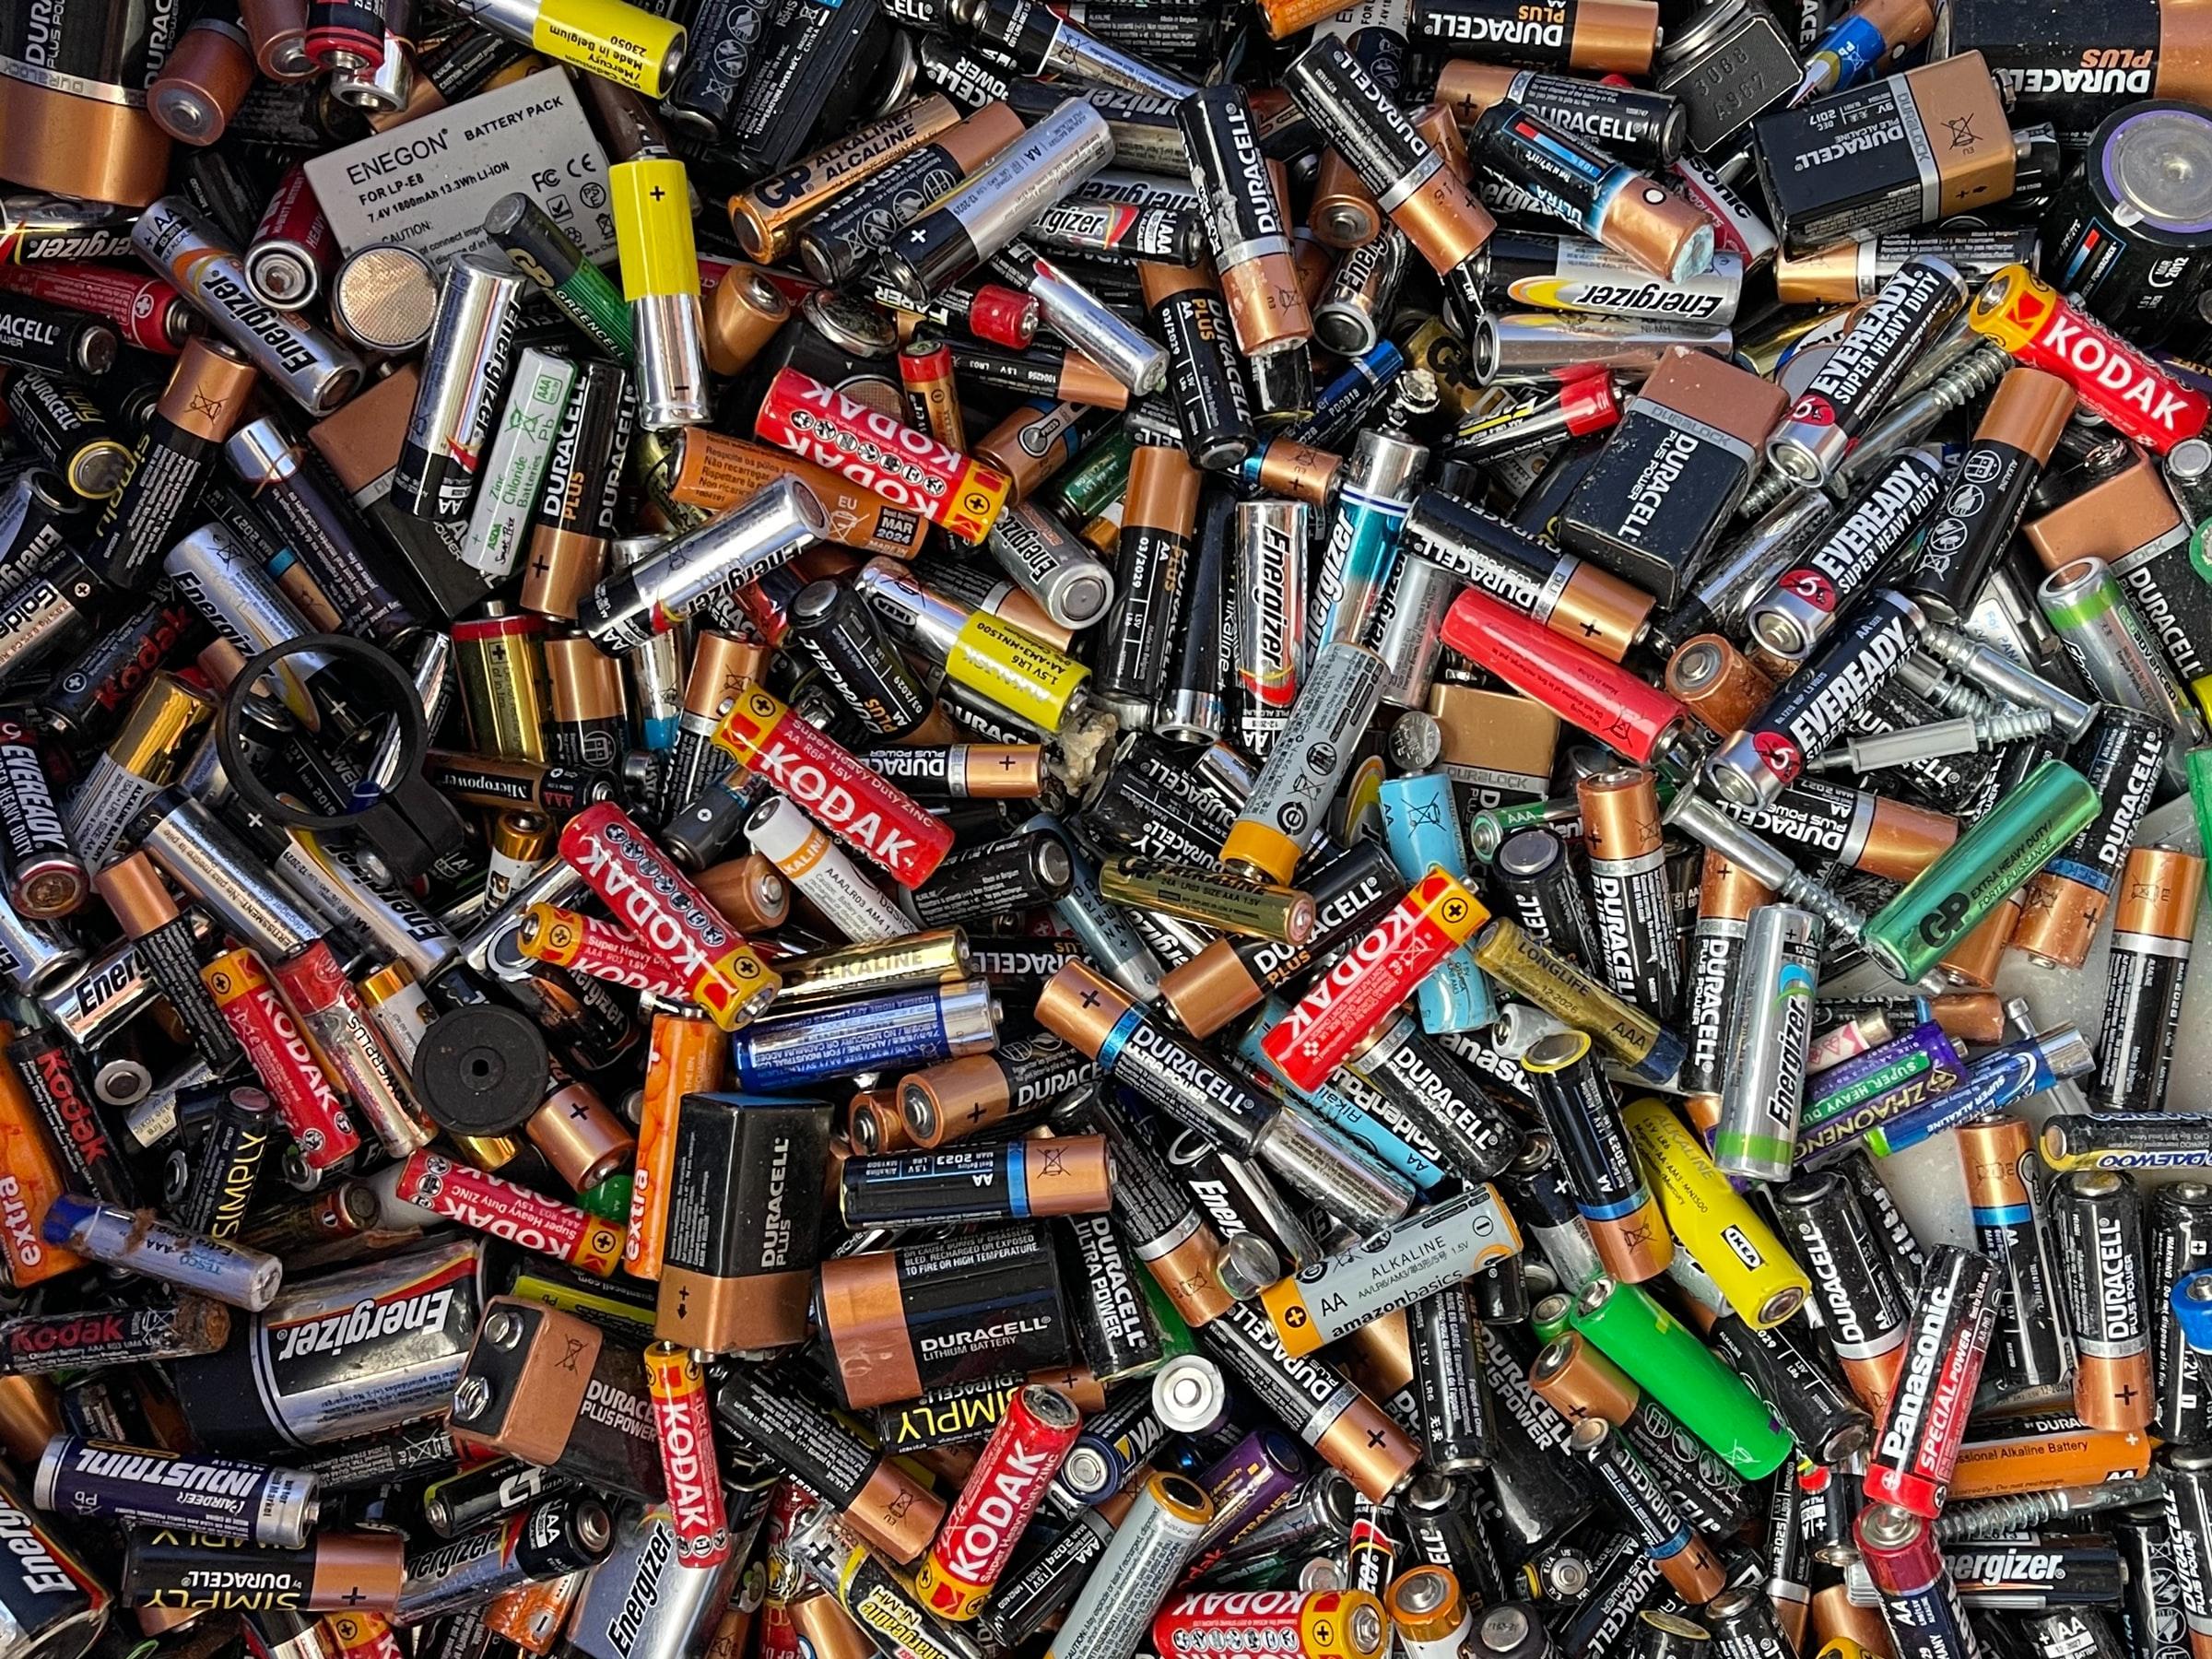 Blog post: Batterijen horen niet in de restafvalzak